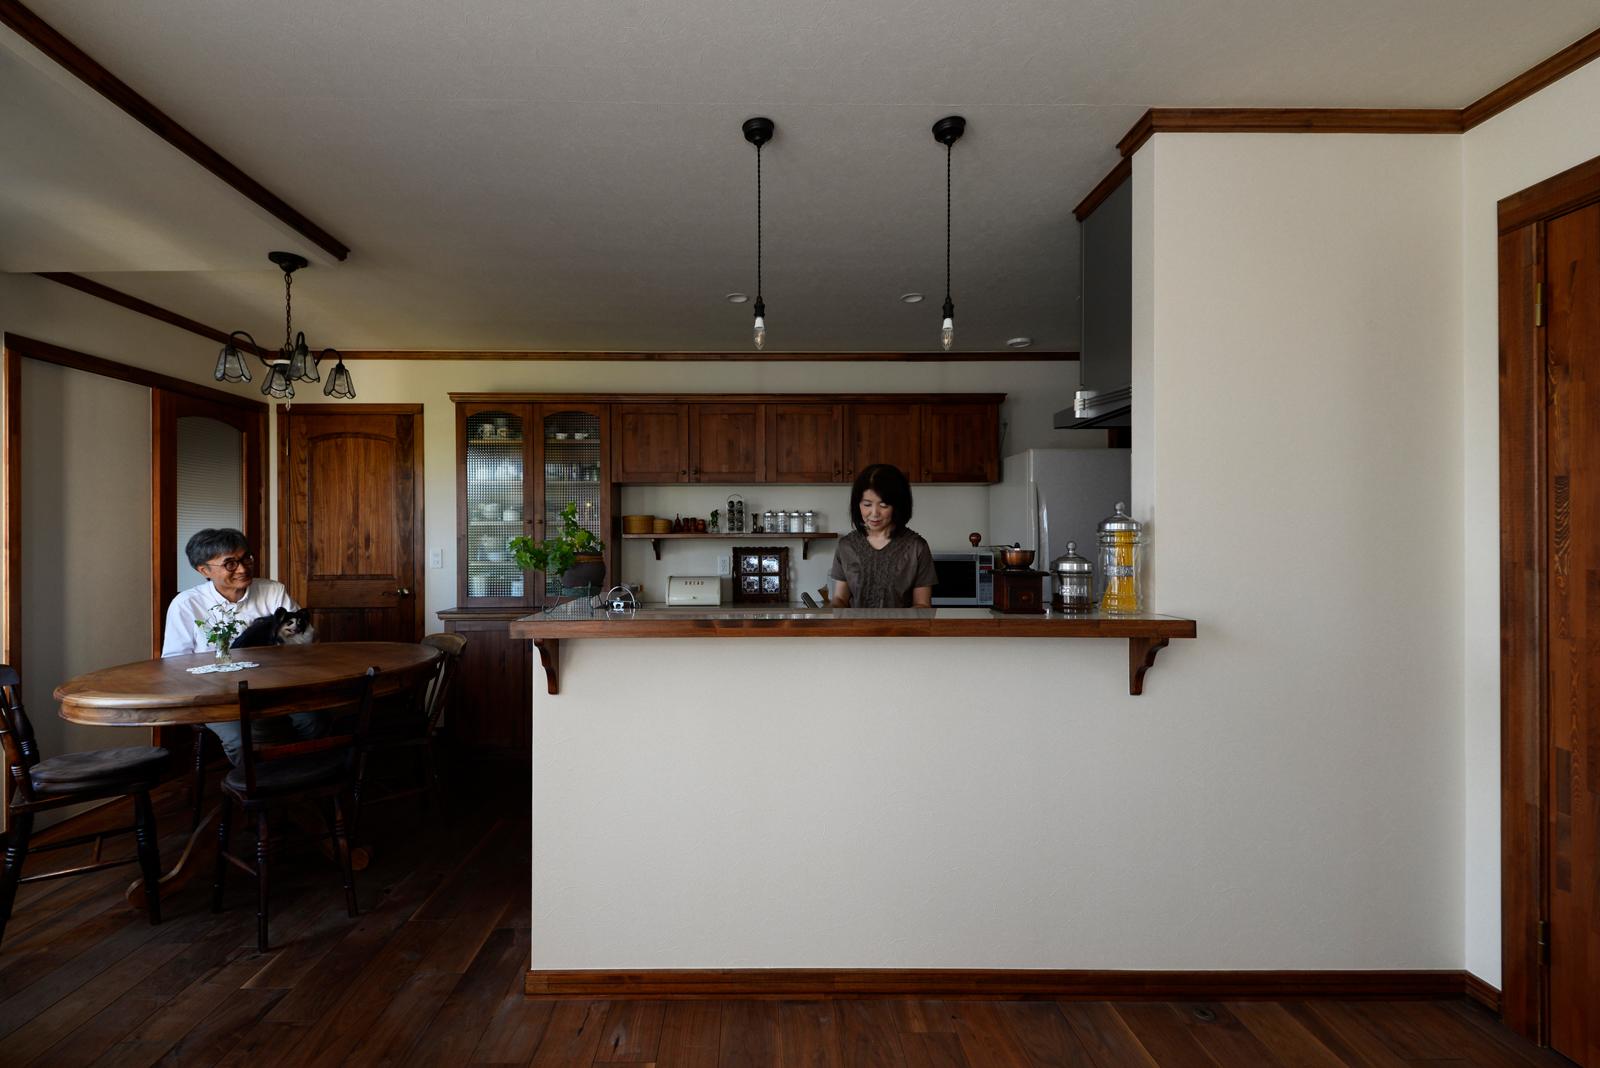 ダークブラウンを基調とした対面キッチンは、造作仕様。親世帯の床はすべて、ウォールナットの無垢材で統一して落ち着きのある空間に